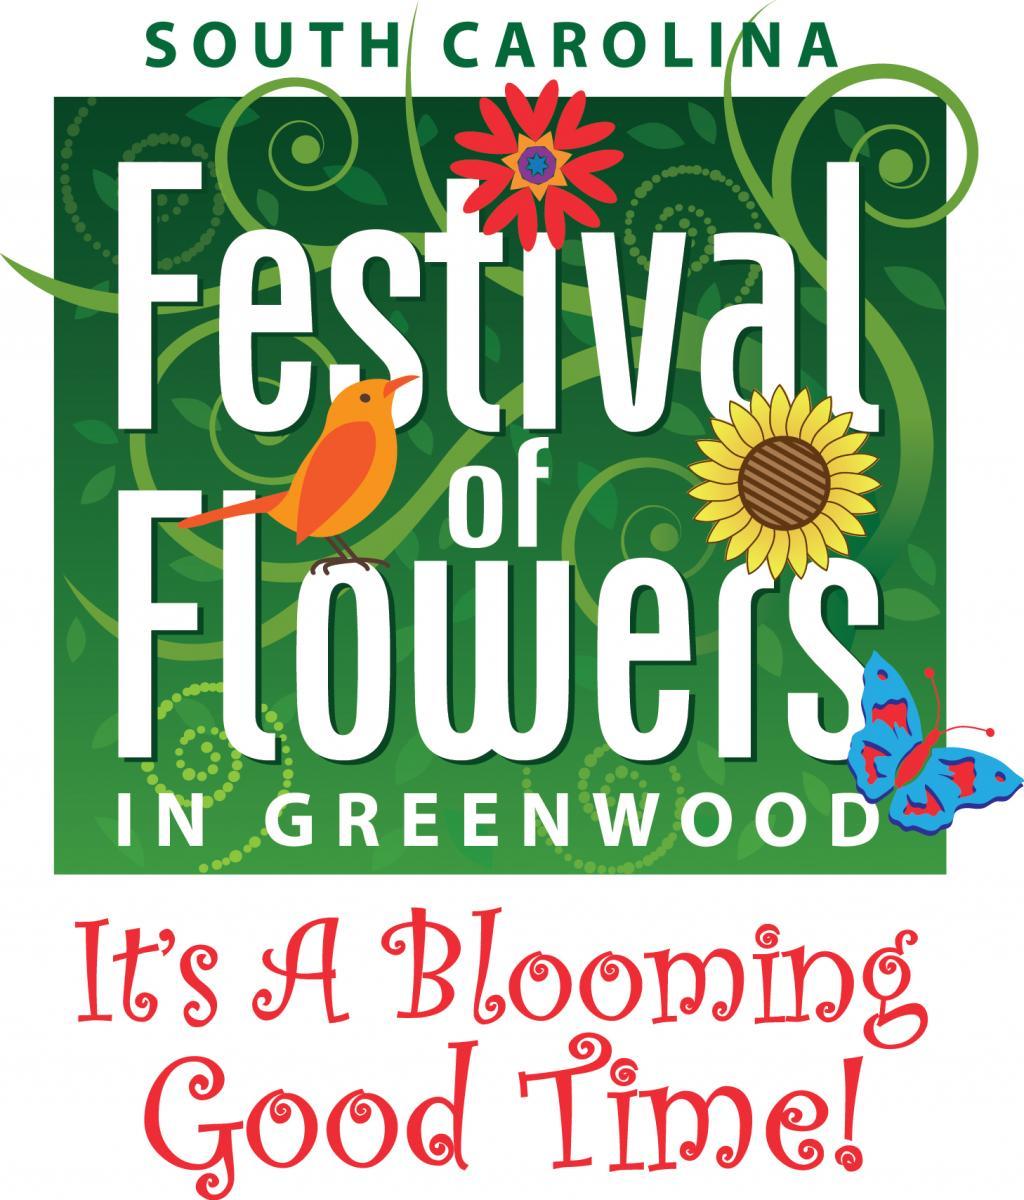 SC Festival of Flowers